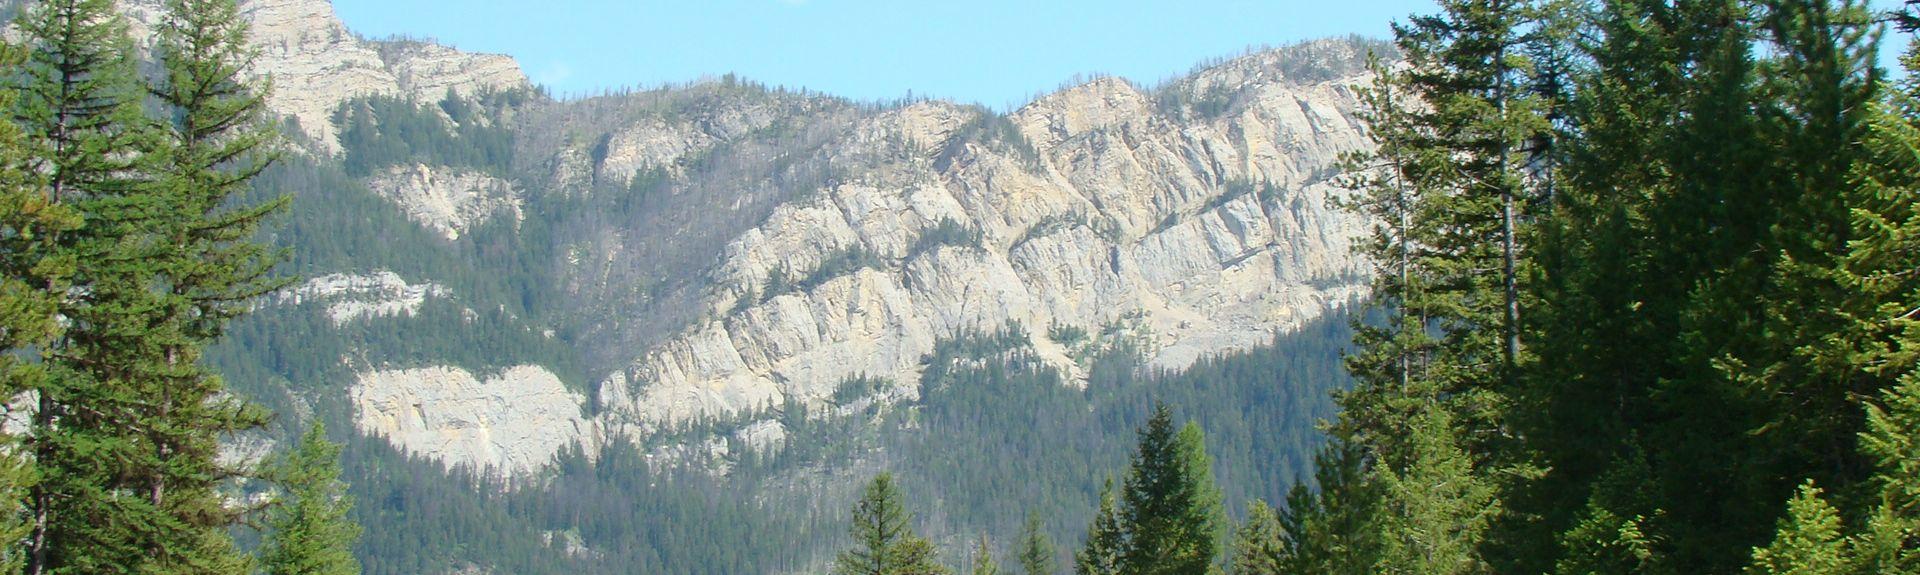 Kalispell, Montana, USA